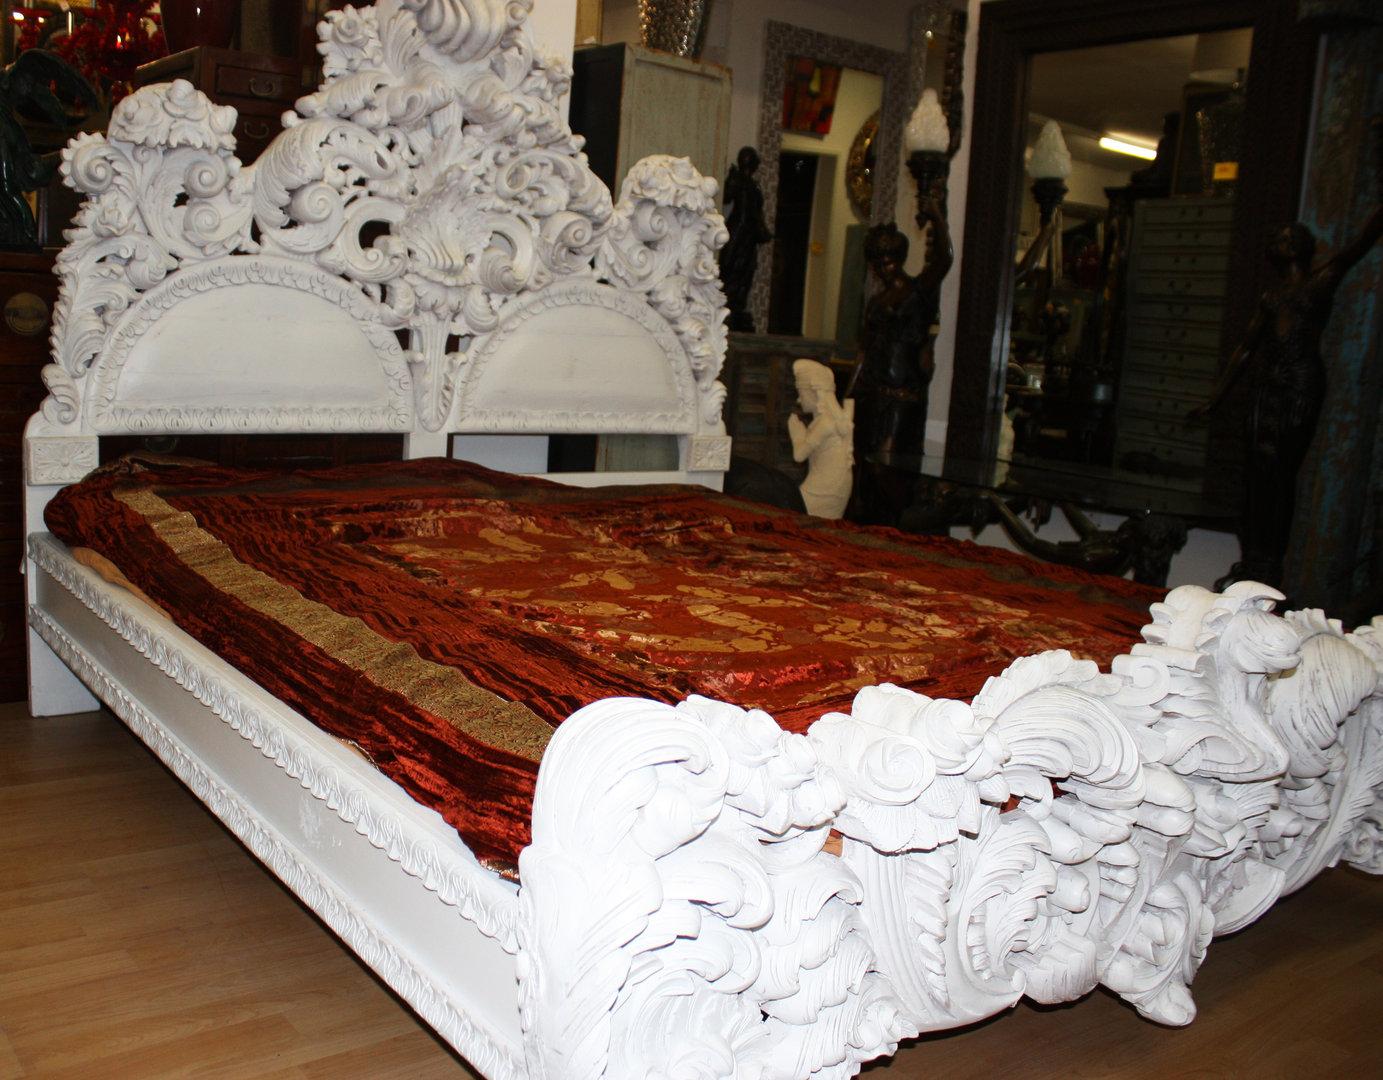 Full Size of 862 Bett Barock Wei Schwarzer Elefant 200x200 Weiß Mit Schubladen 90x200 Jugendzimmer Hülsta Betten Poco Einfaches Einzelbett Eiche Gebrauchte Rückenlehne Bett Barock Bett